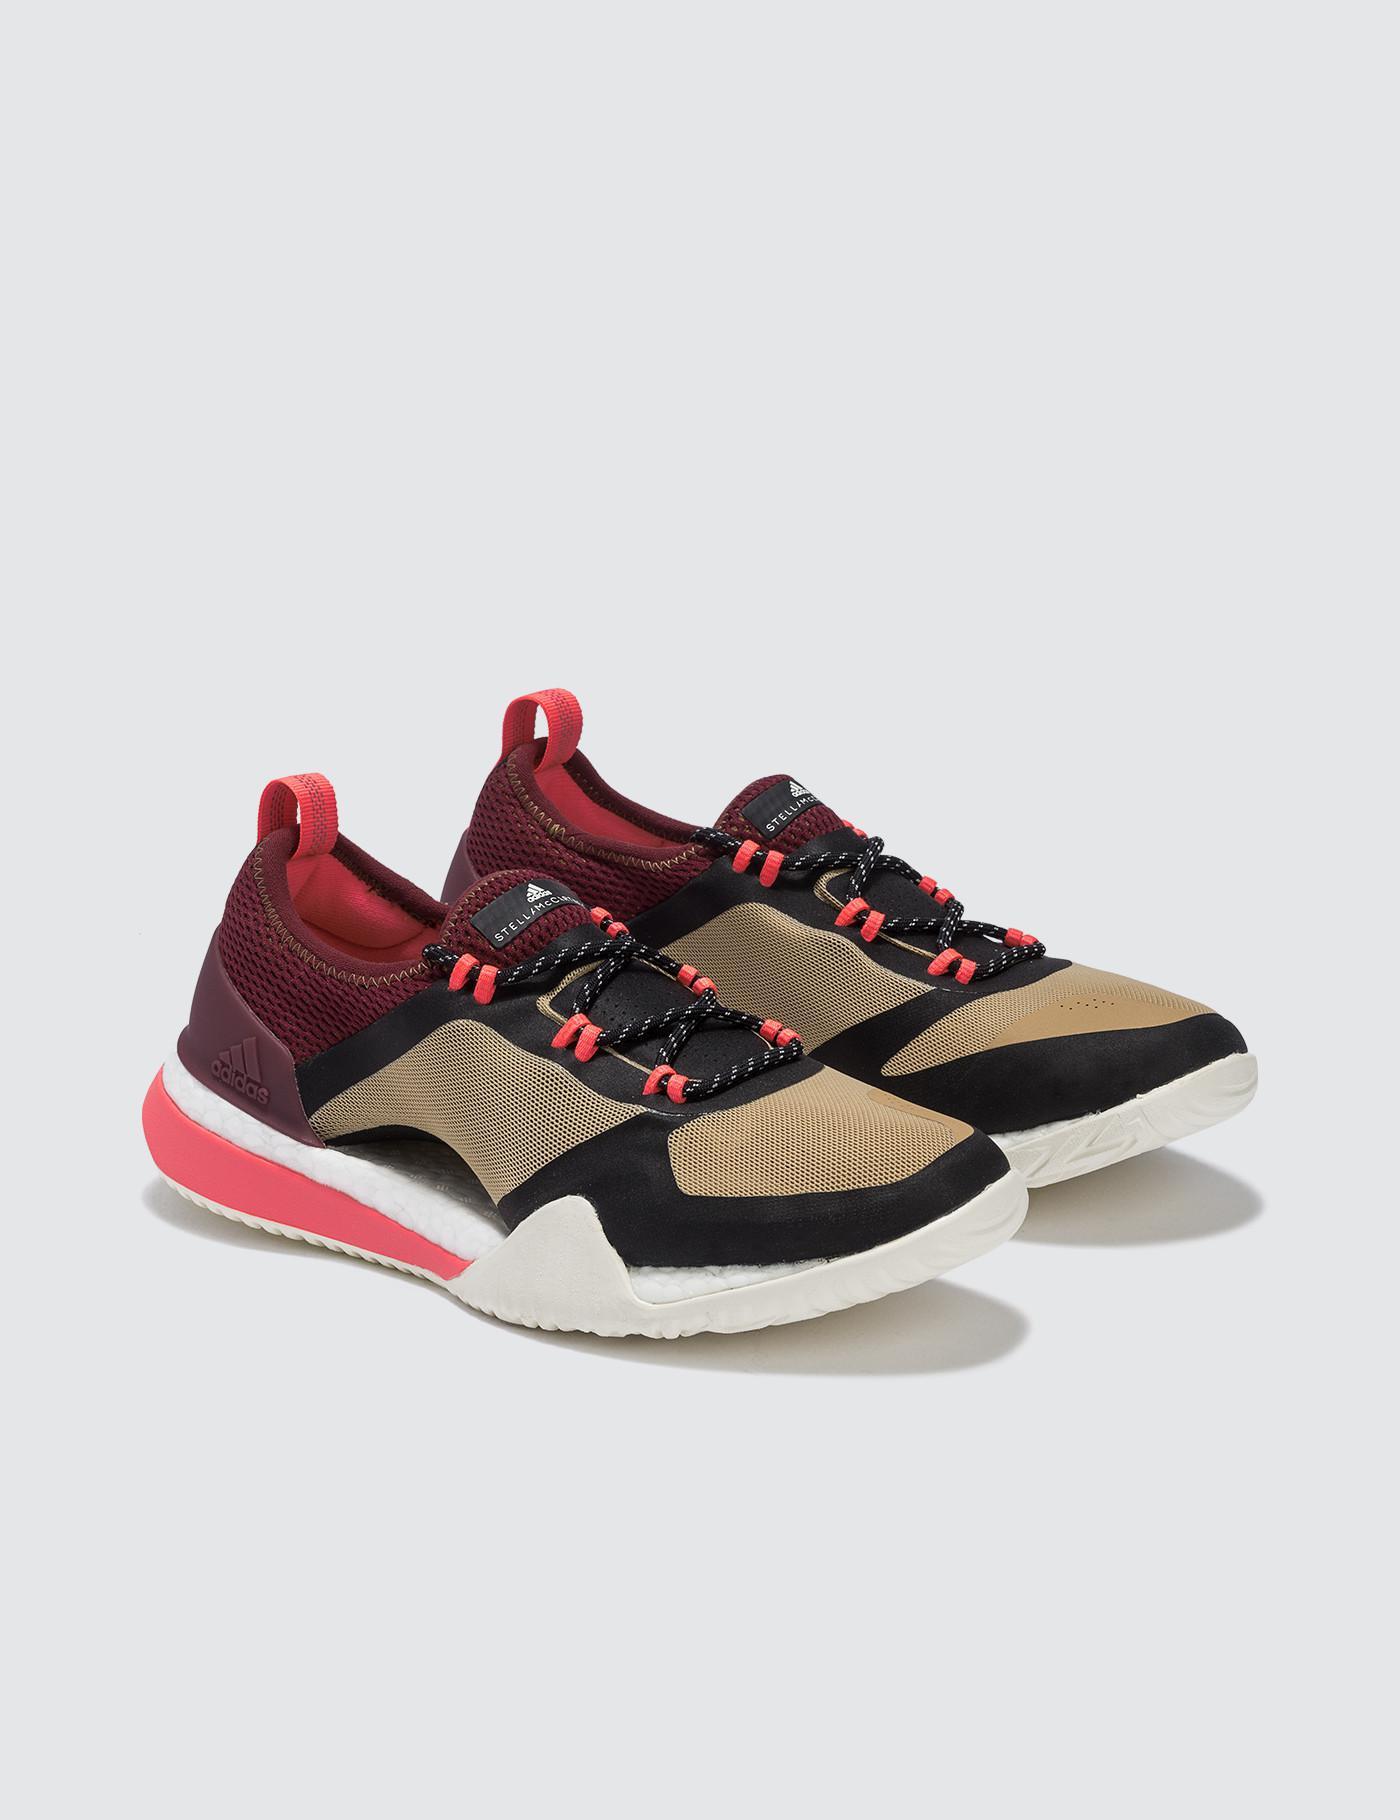 bb7321ea99a Adidas By Stella Mccartney Pureboost X Tr 3.0 in Natural - Lyst